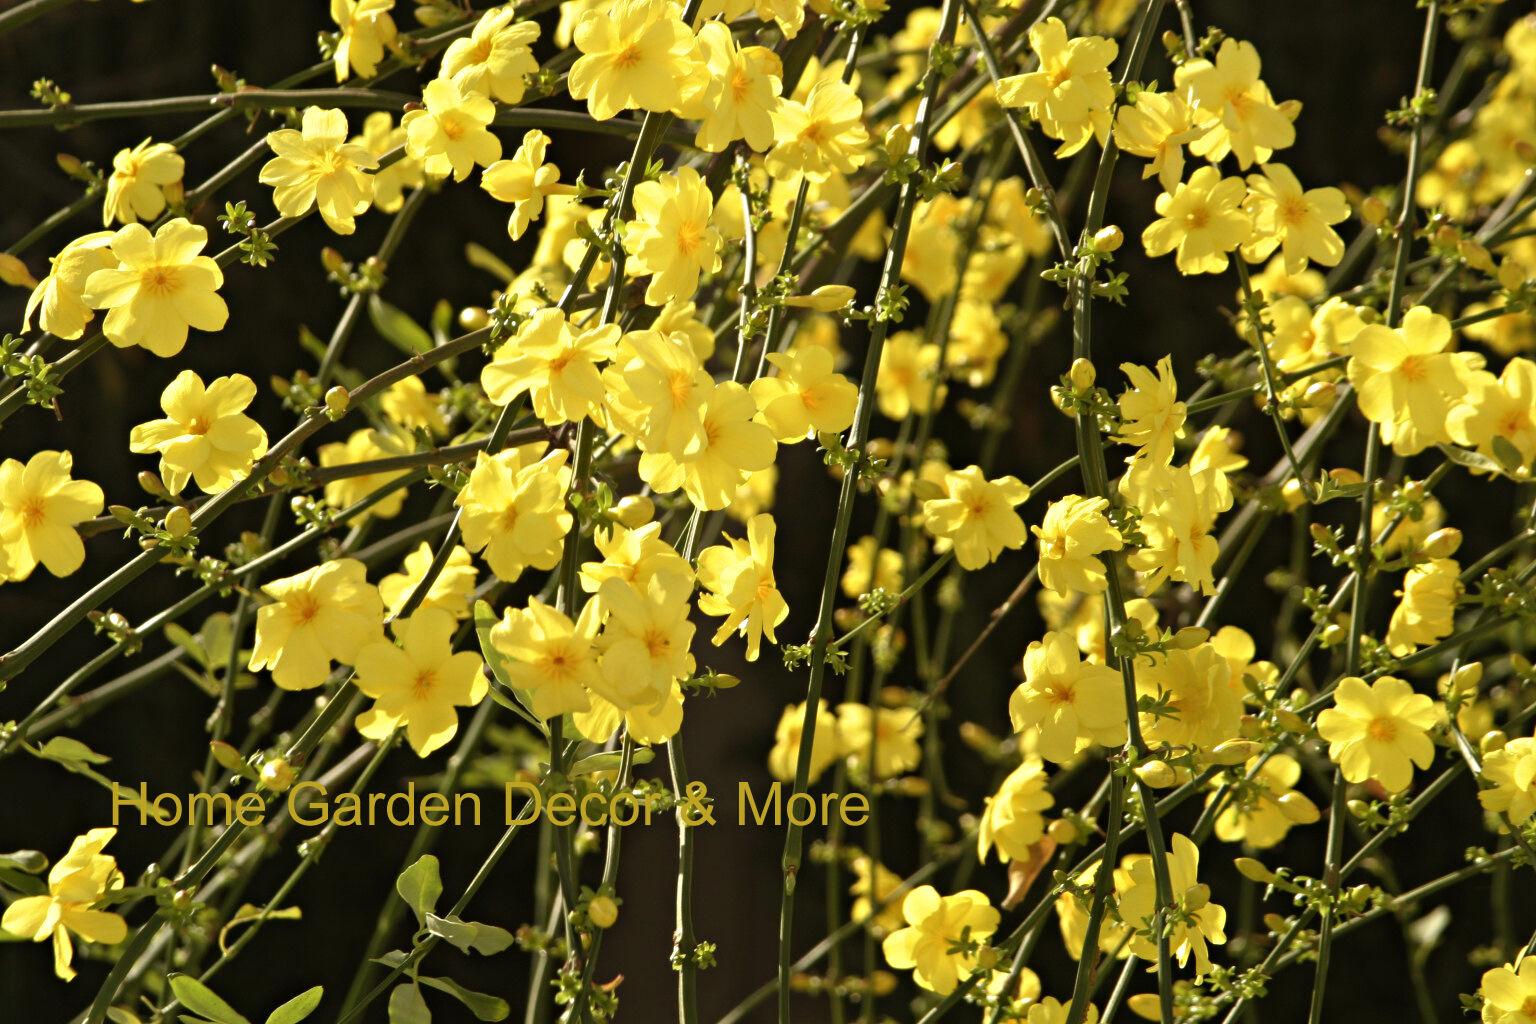 Chinese Bright Yellow Flowers Winter Jasmine Vine Shrub Live Rooted